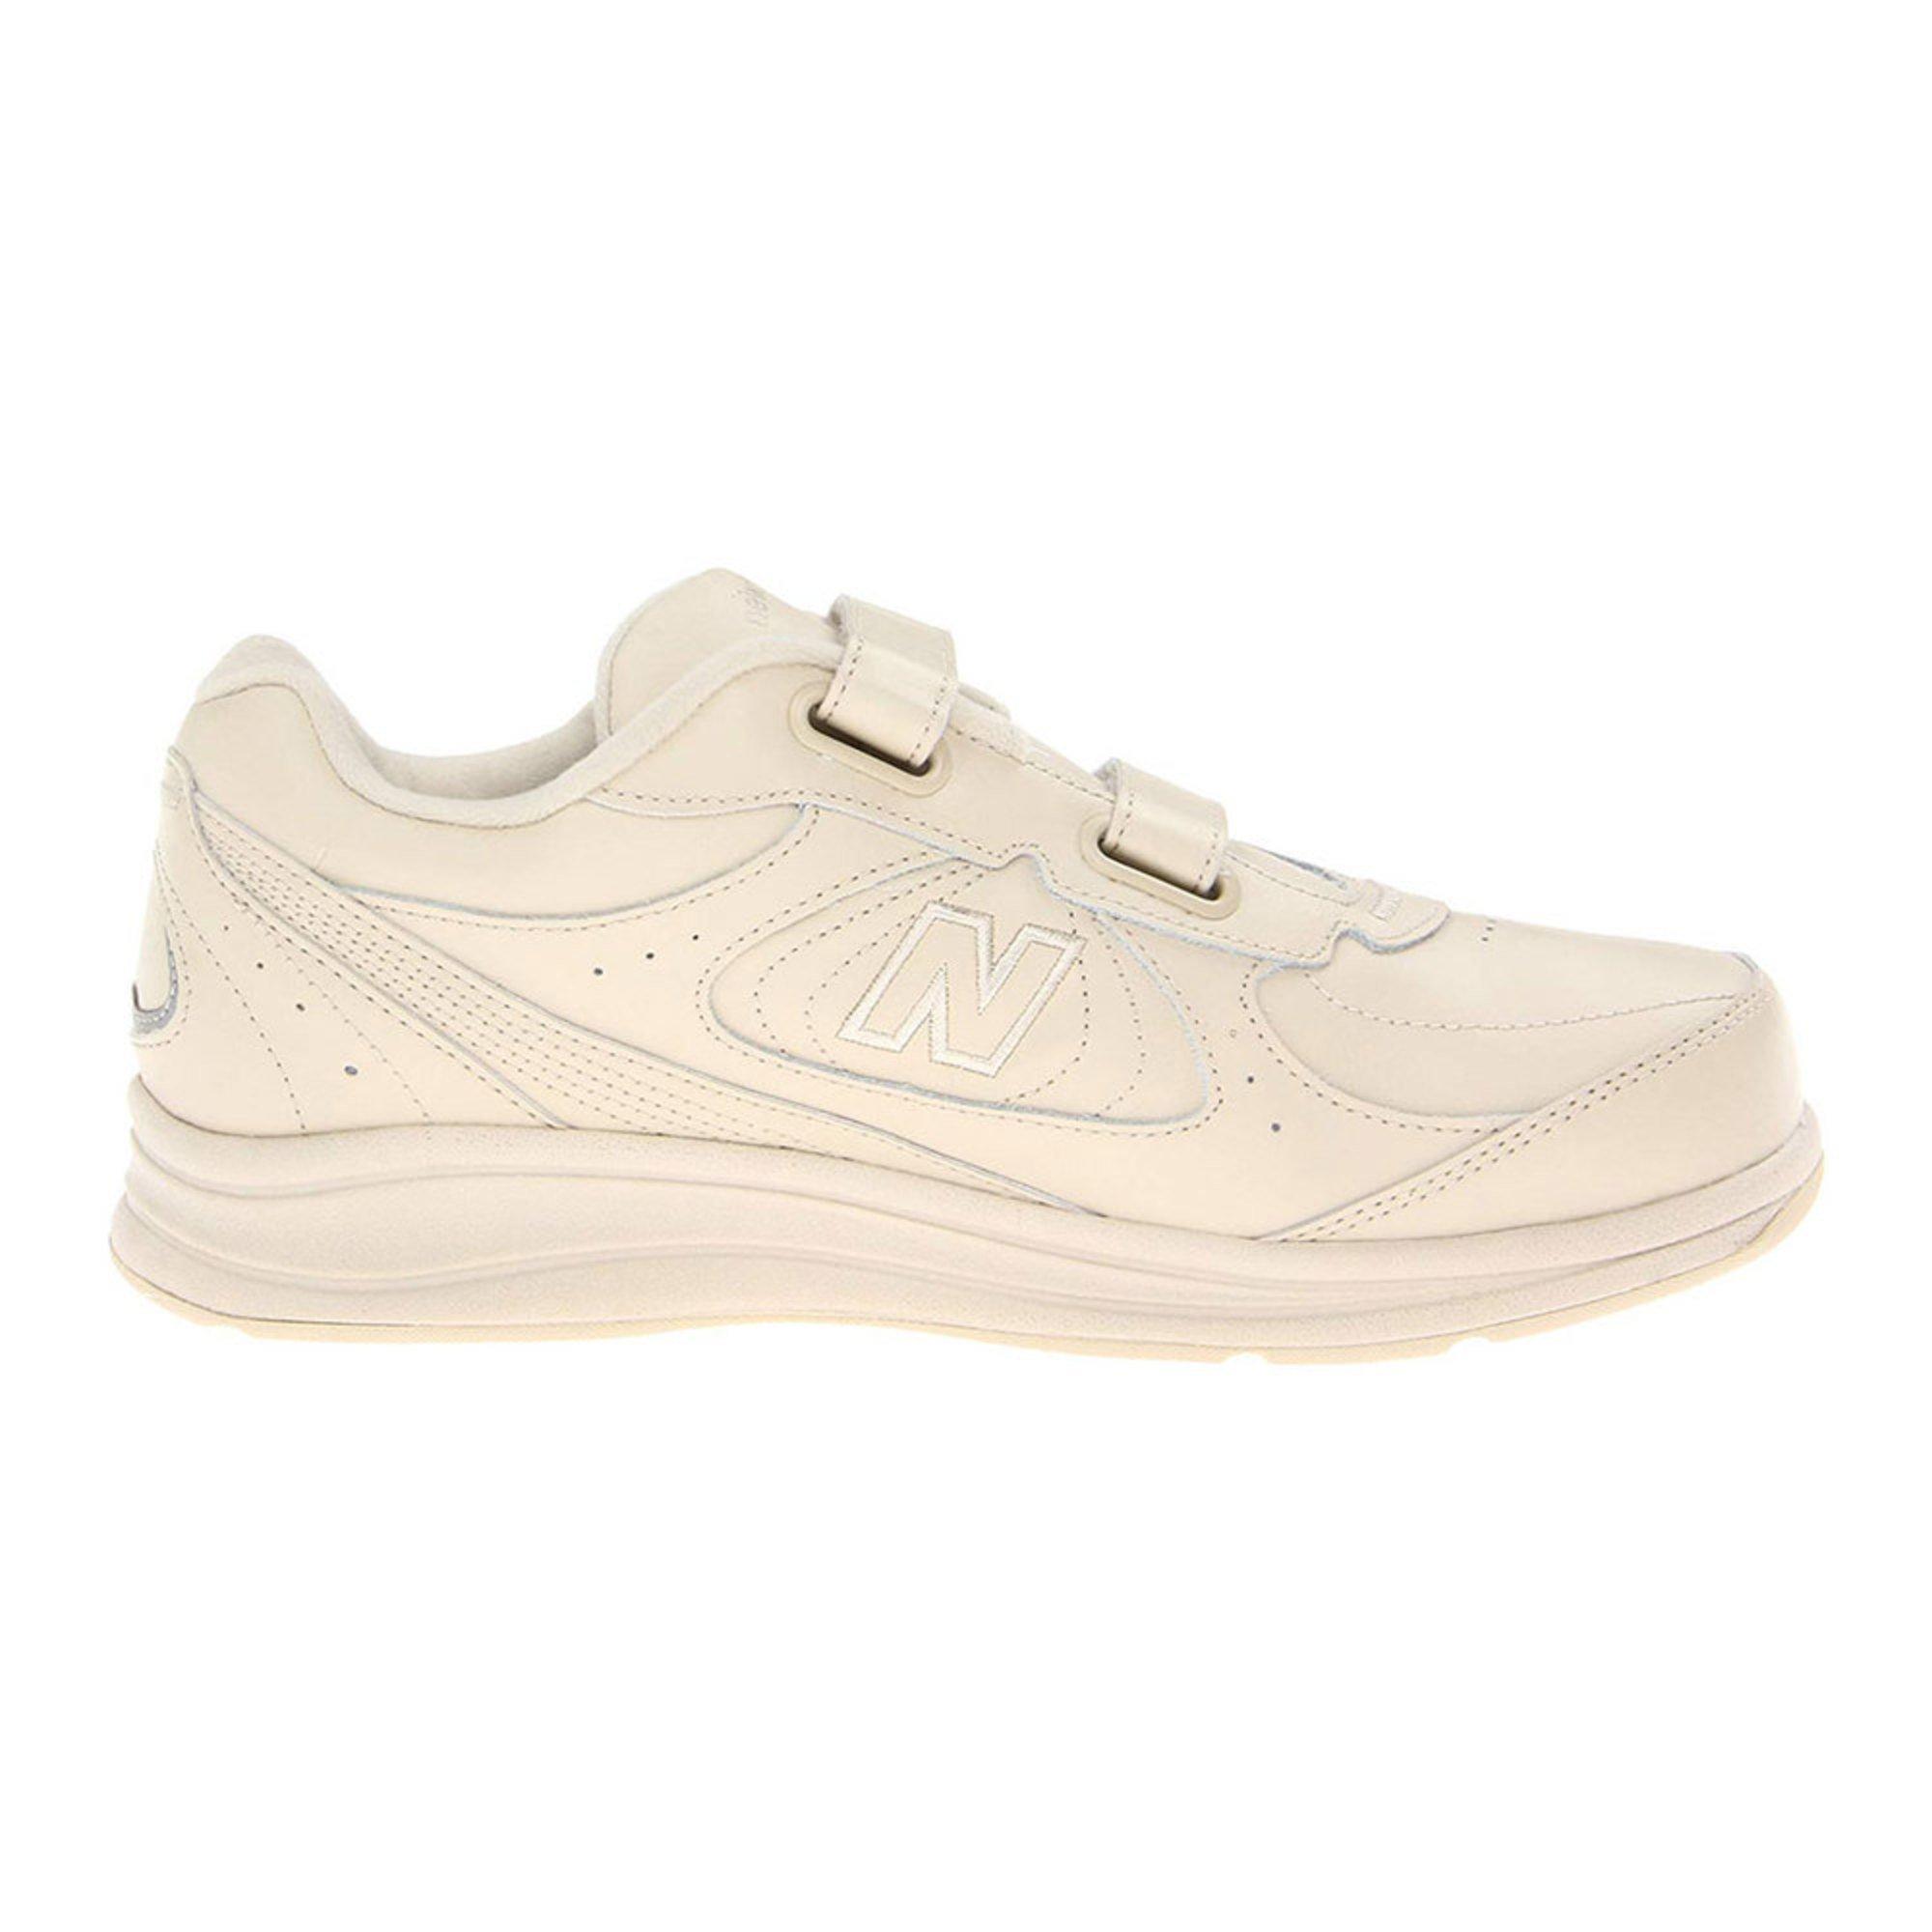 2bc430fc5320 New Balance. New Balance Women s 577 Walking Shoe